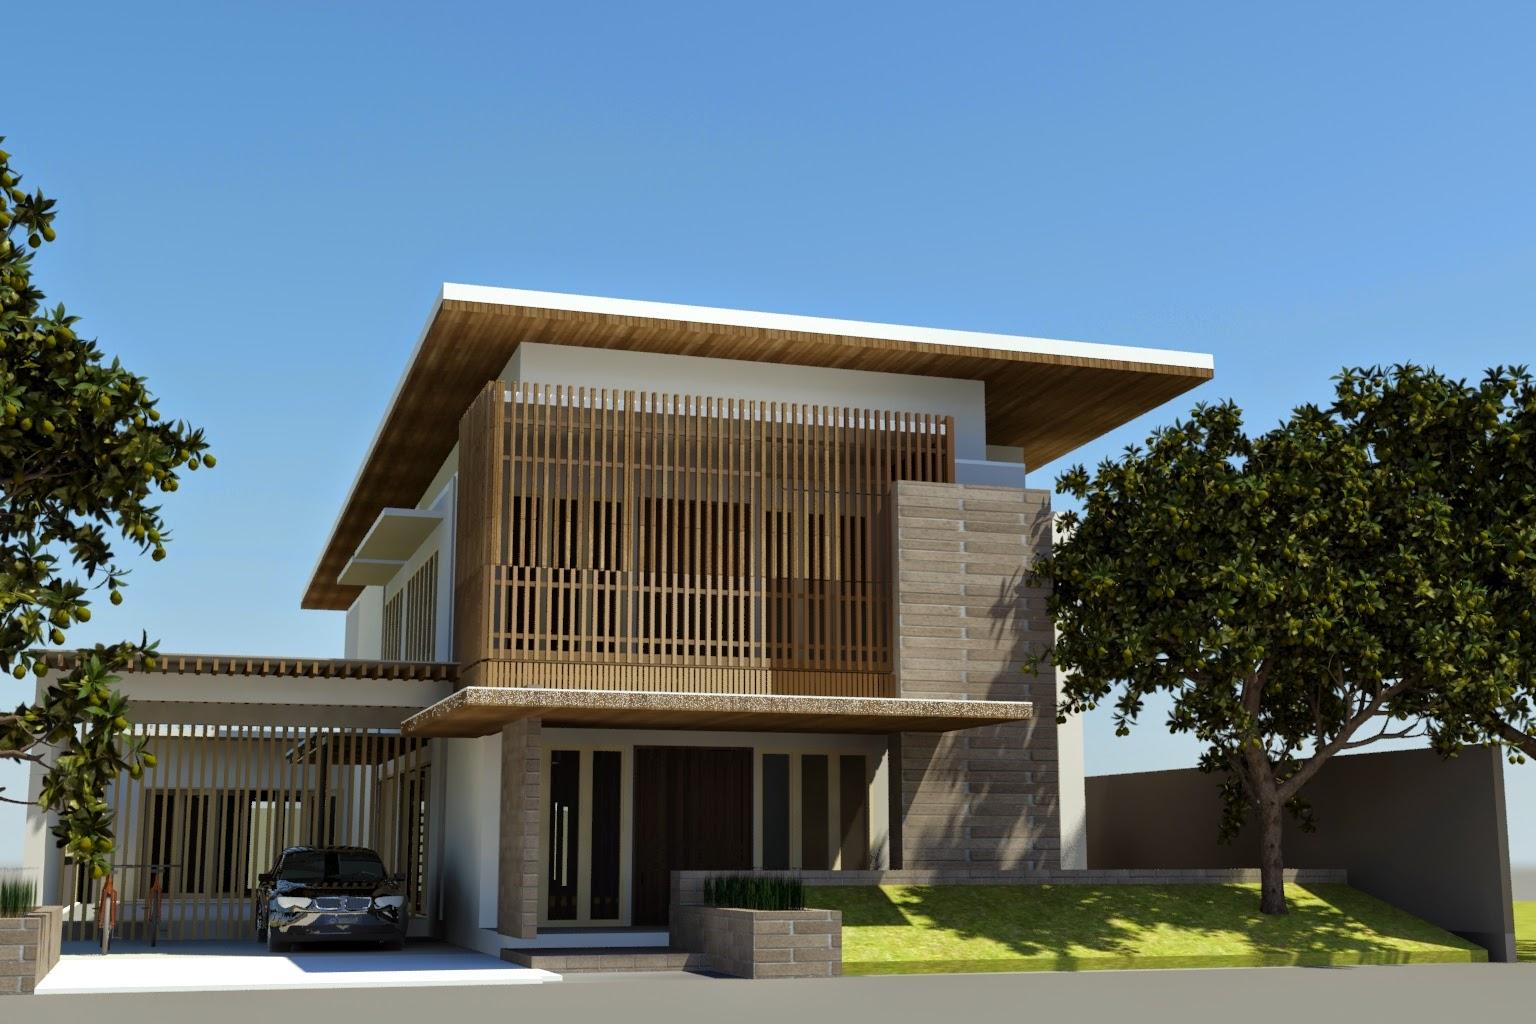 diwangkoro arsitek rumah 2 lantai di lahan 15x33 dengan